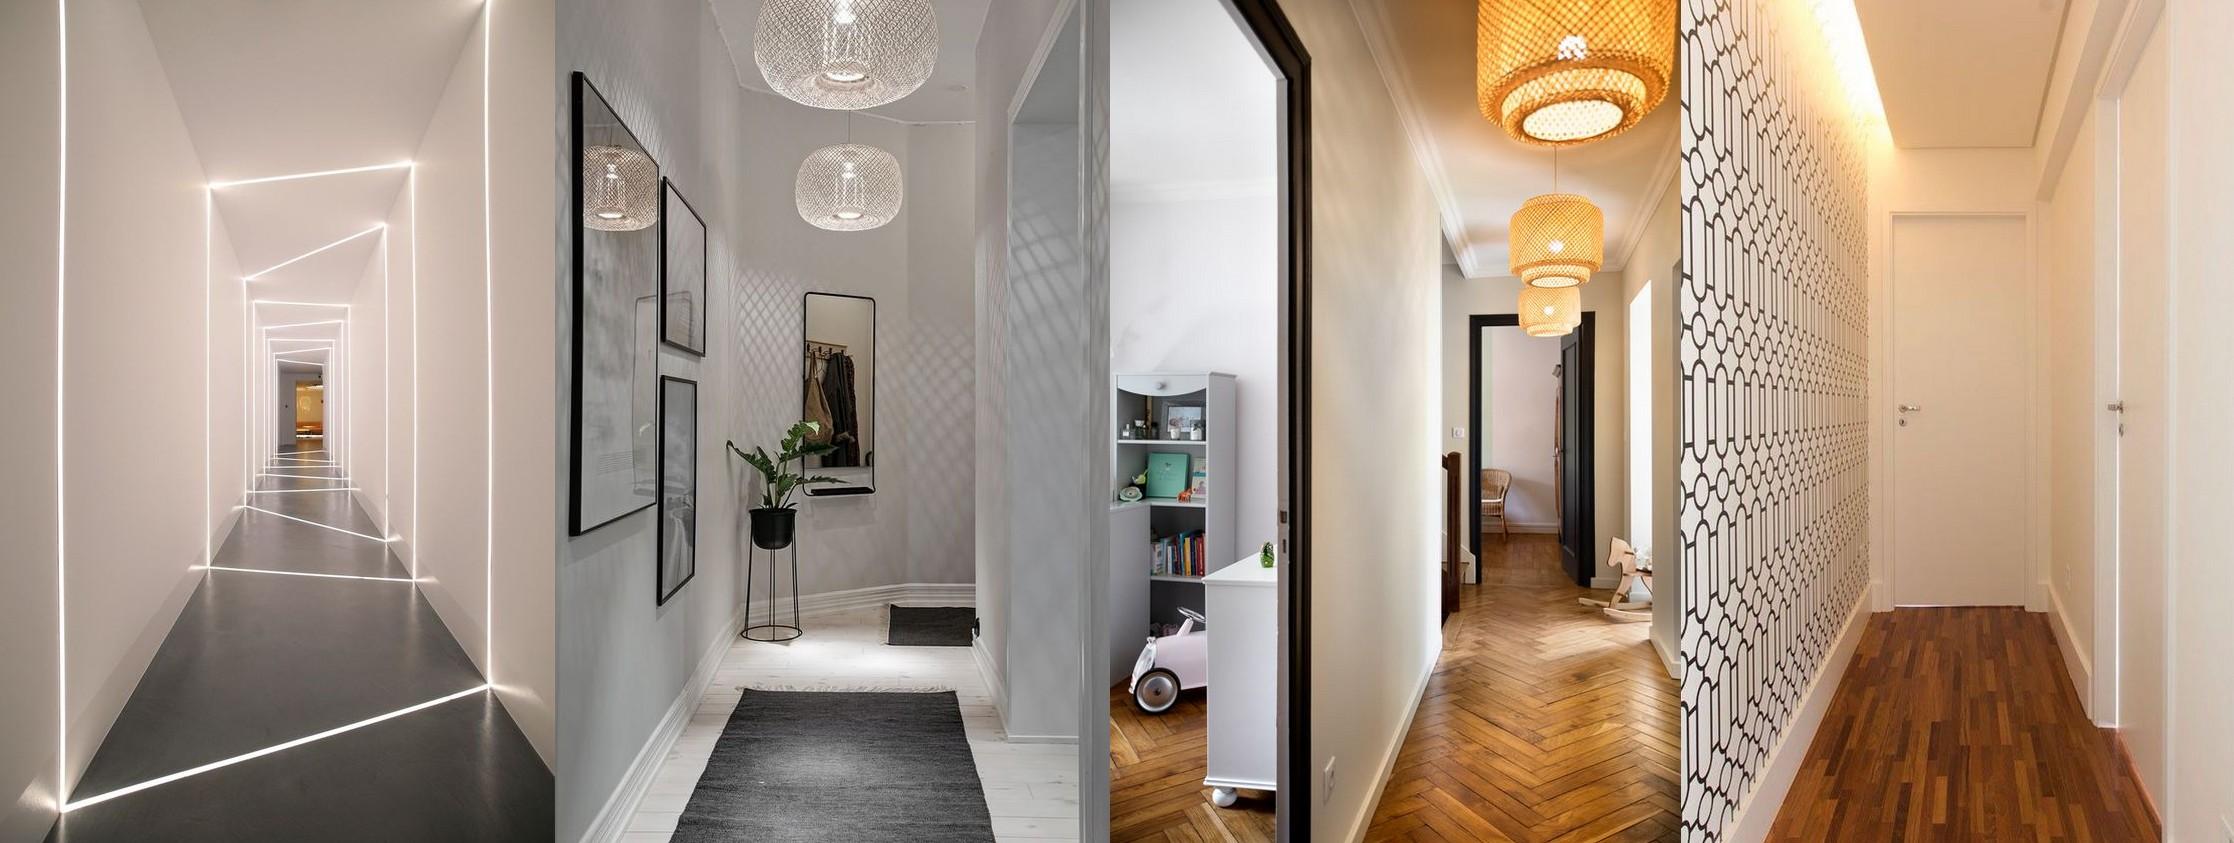 Couloirs (3).jpg